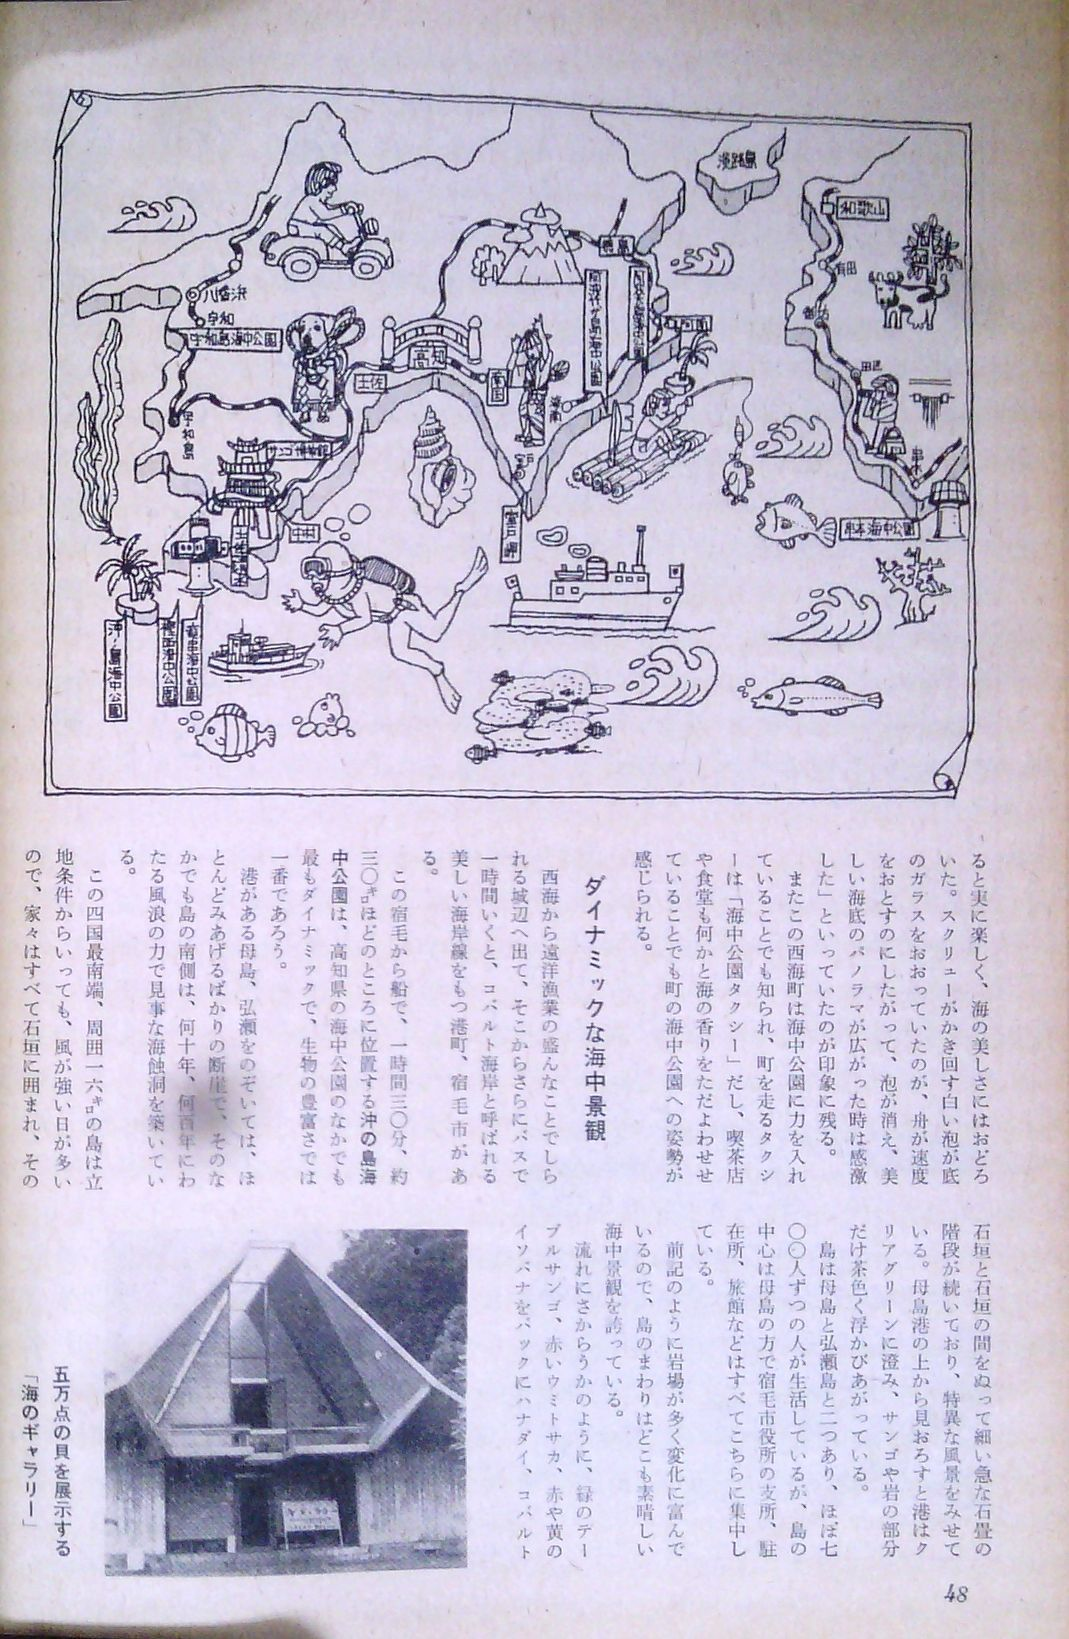 0525 ダイビングの歴史 73 海の世界74年 8月_b0075059_13394452.jpg